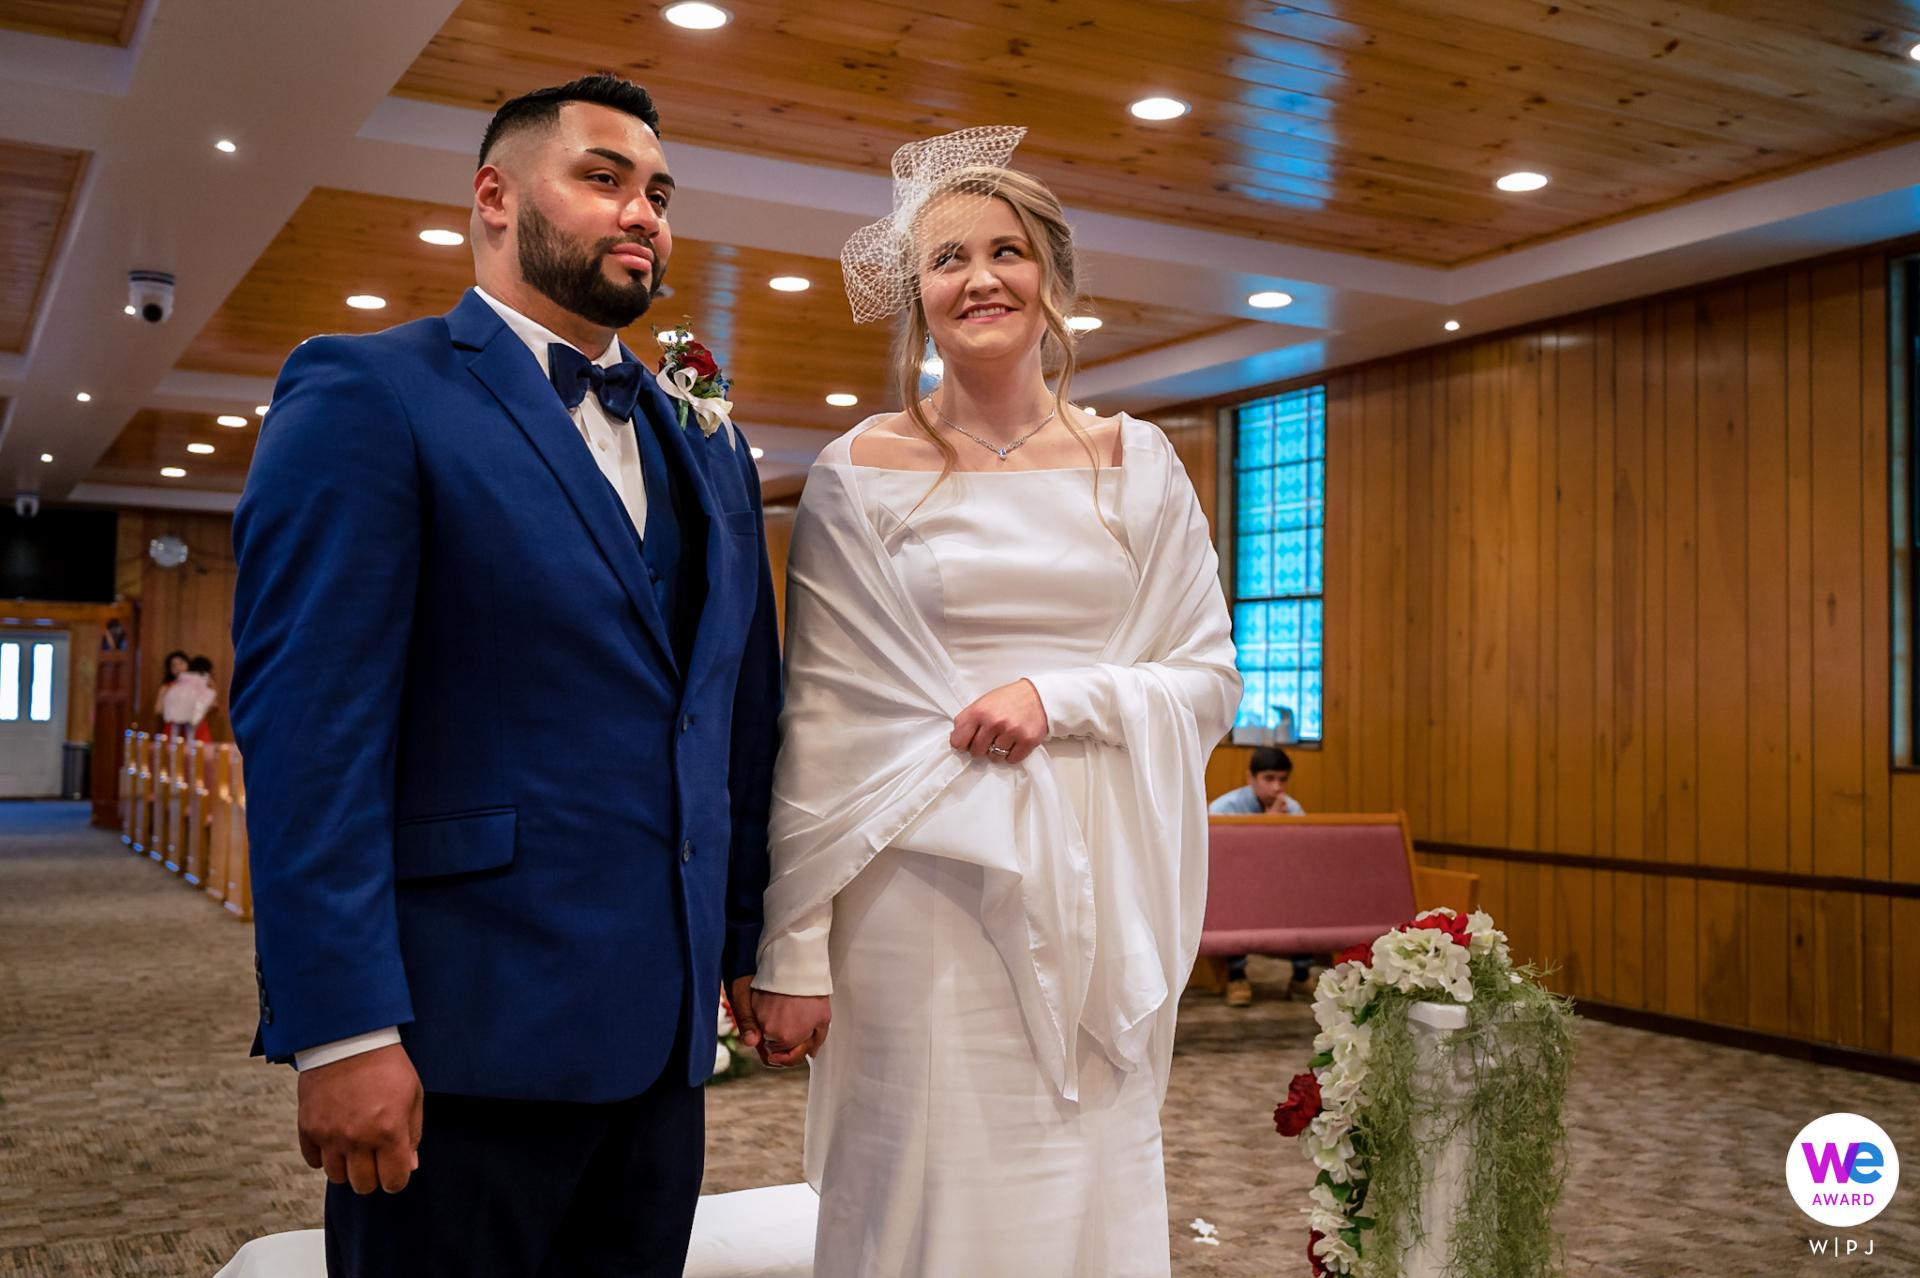 Photographes de mariage à Pigeon Forge | La mariée donne au marié un look mignon